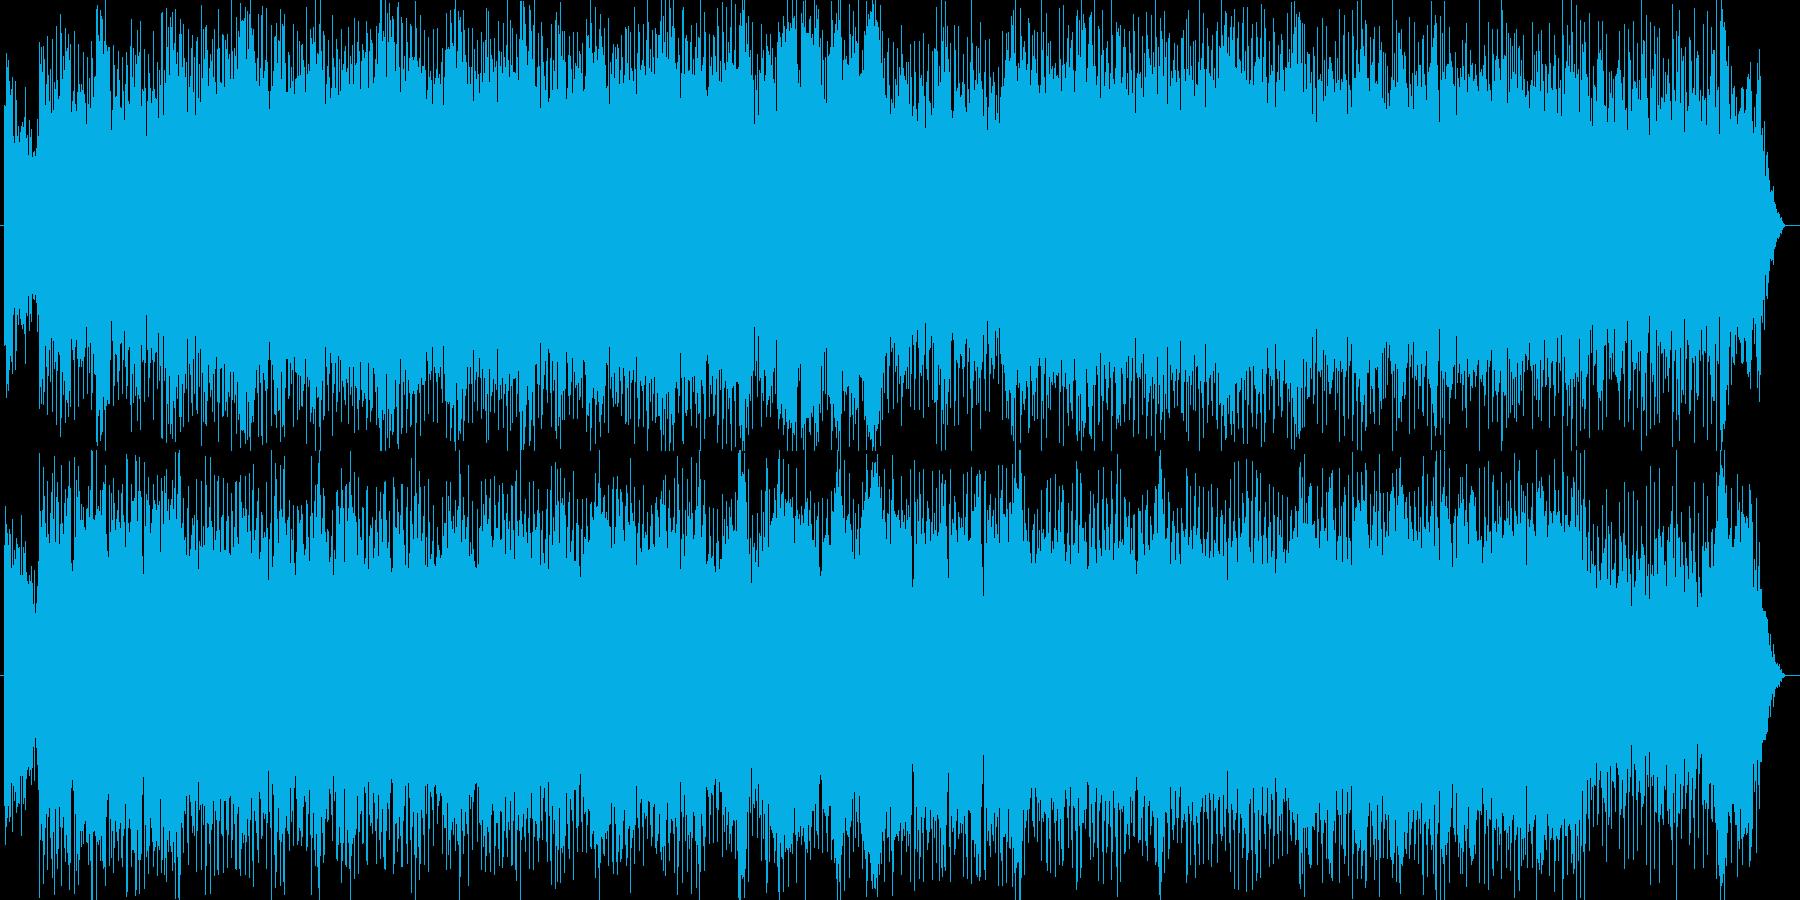 宇宙感のシンセサイザーなどのサウンドの再生済みの波形